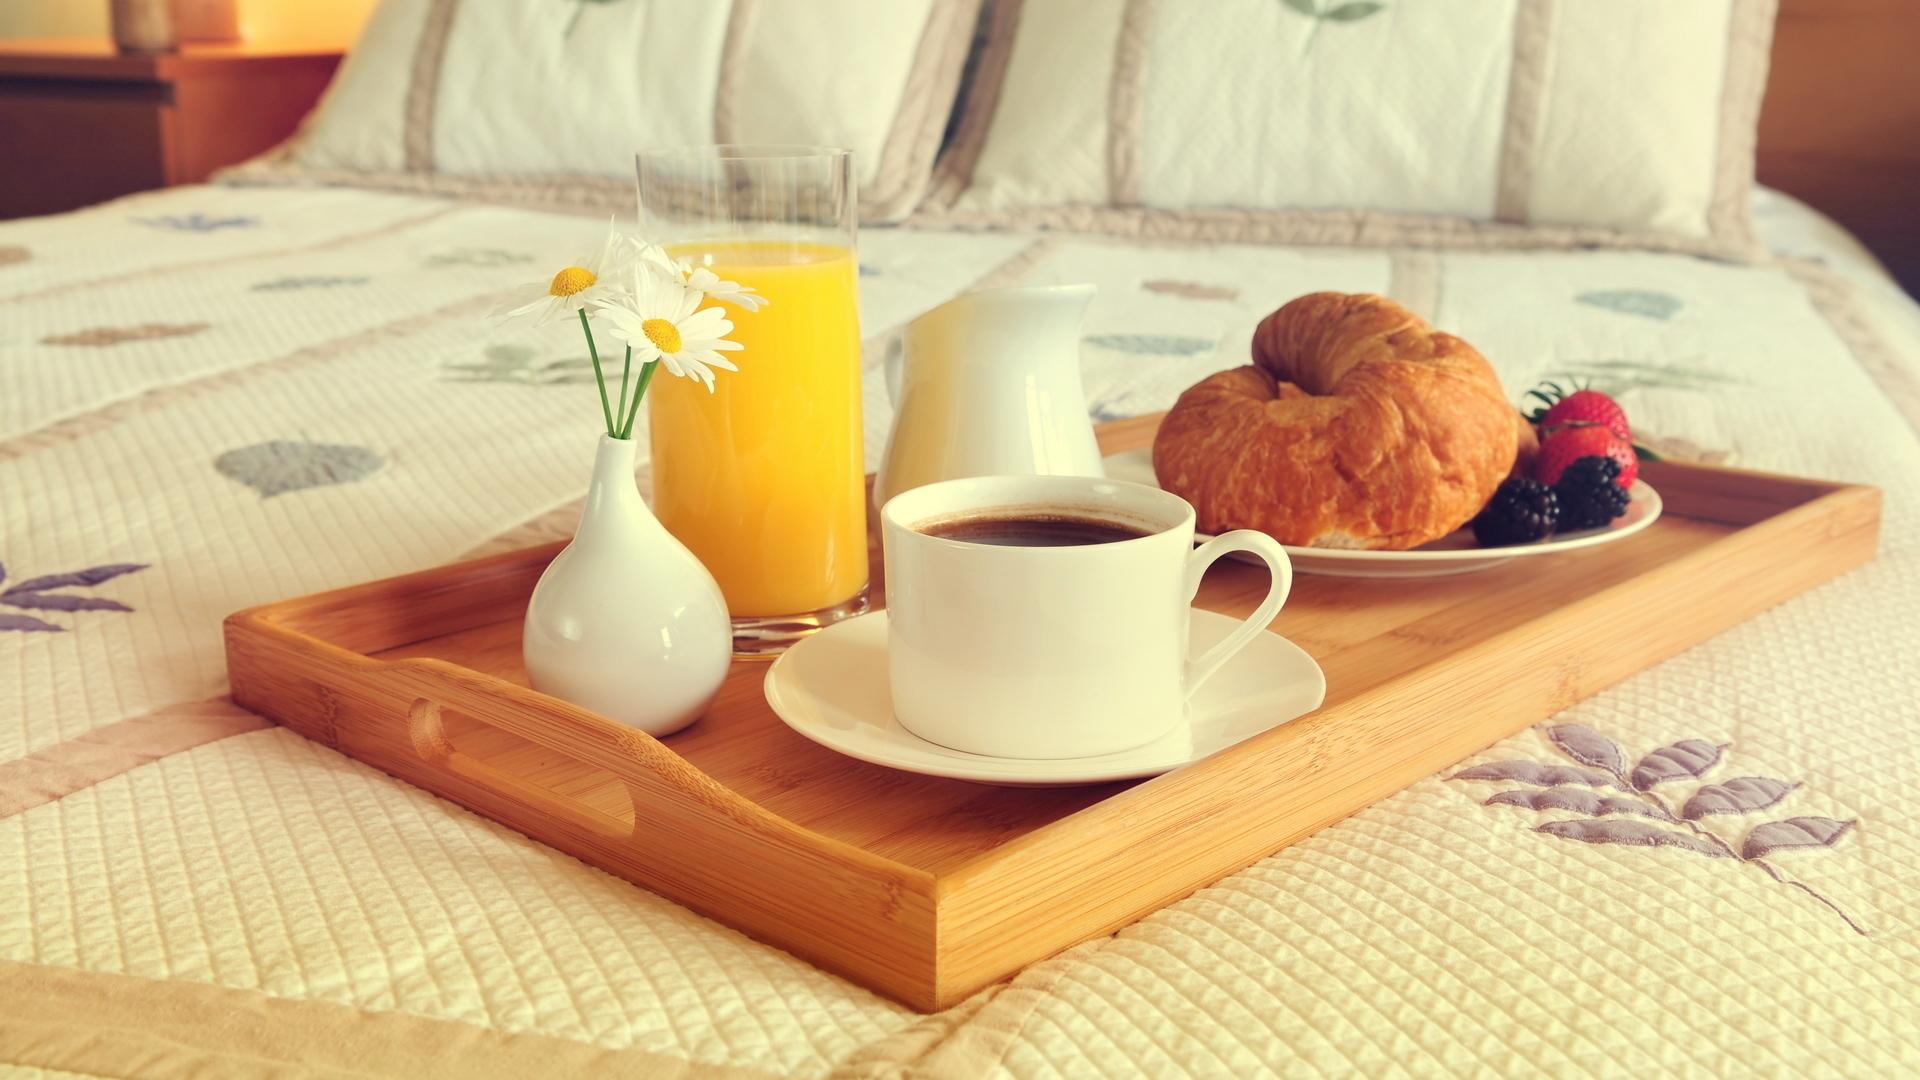 Food   Breakfast  HD Wallpaper